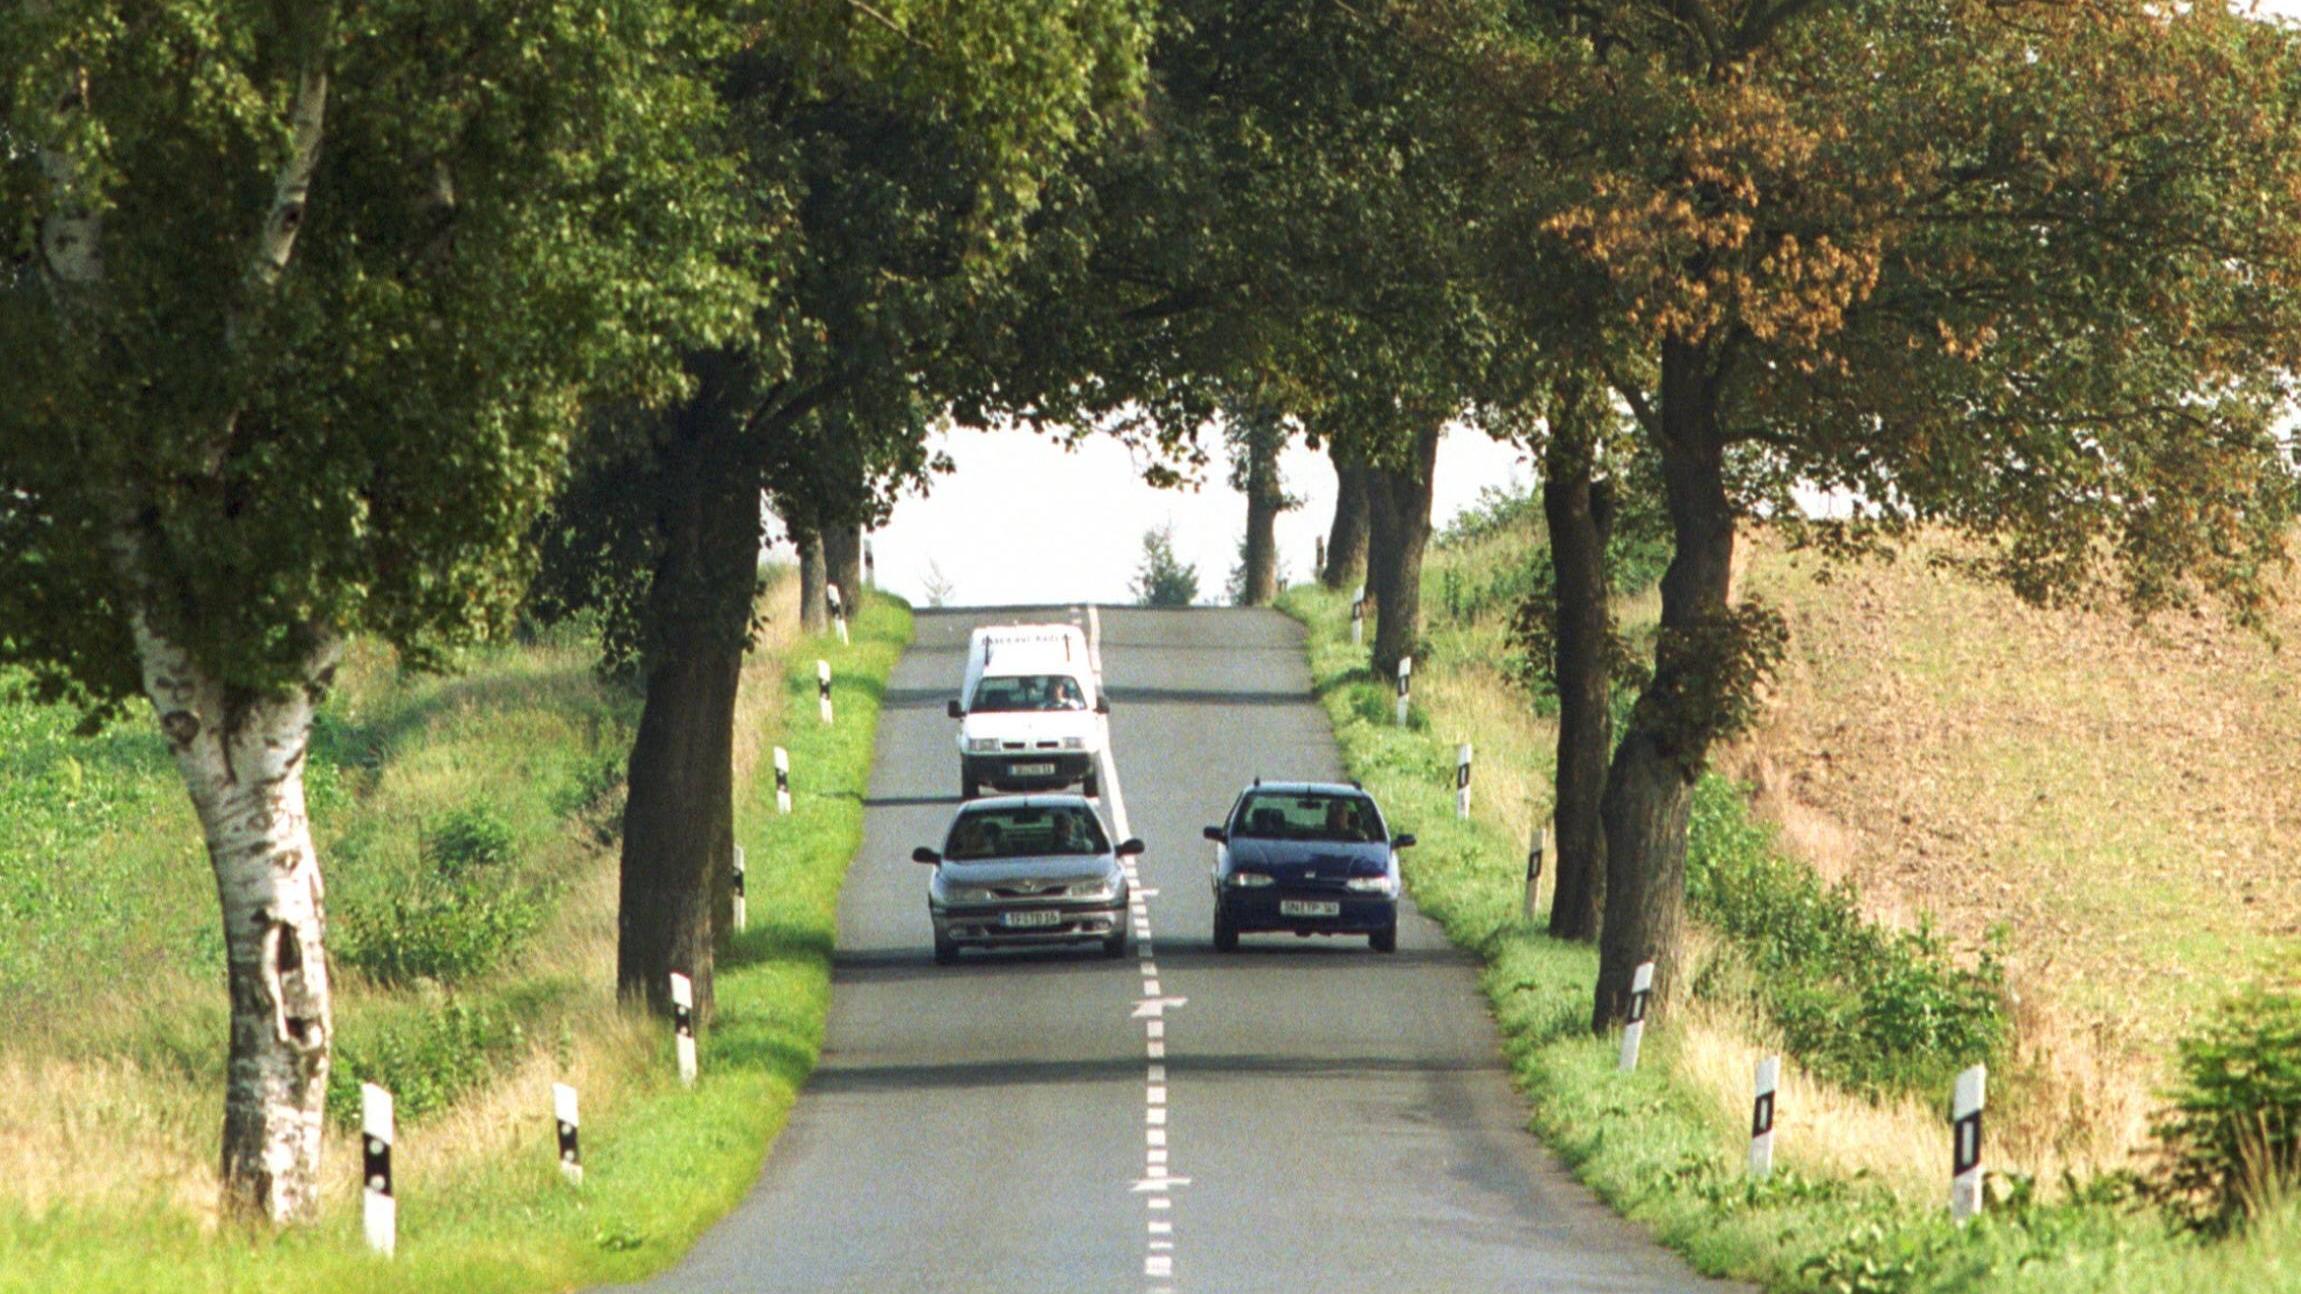 Abstands- und Geschwindigkeitsregeln sollten beim Überholmanöver eingehalten werden, ansonsten drohen Geldstrafen, Punkte und Fahrverbote.